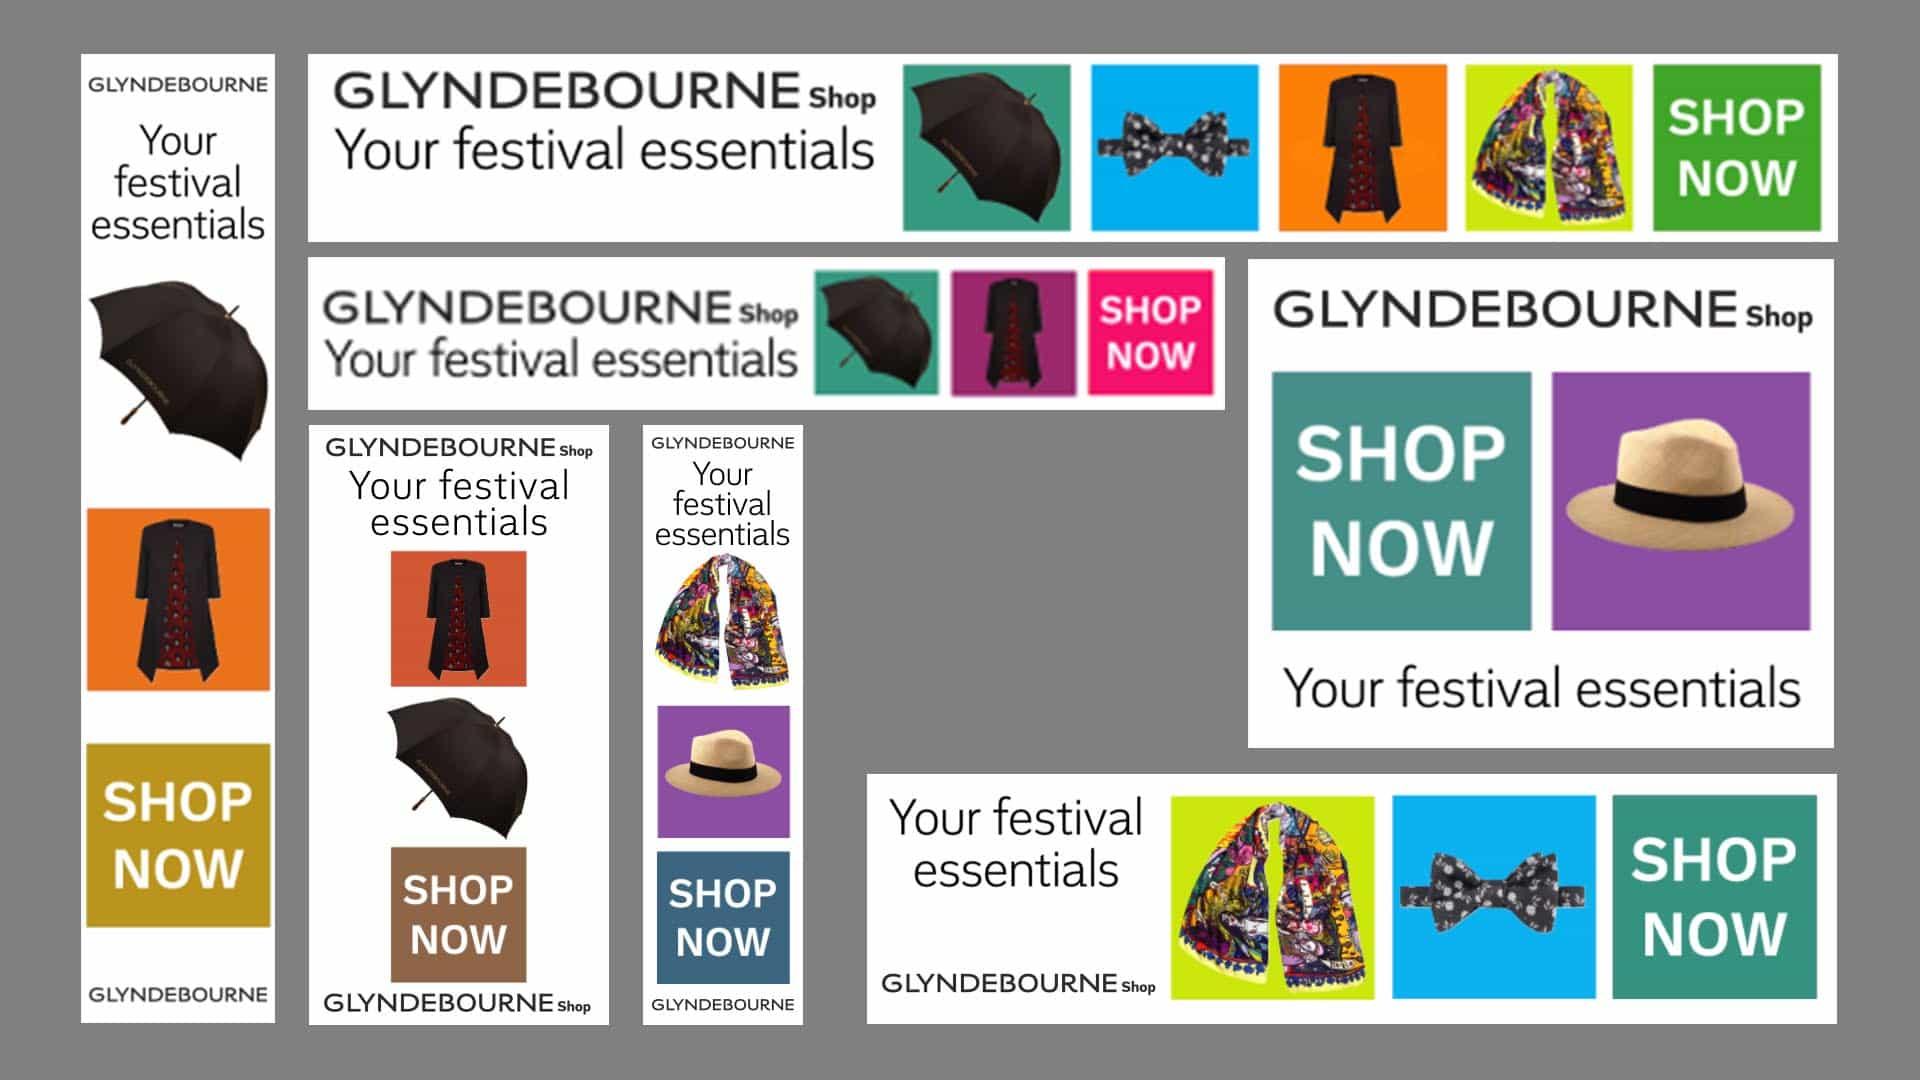 Online advertising, online marketing for Gyndebourne Opera